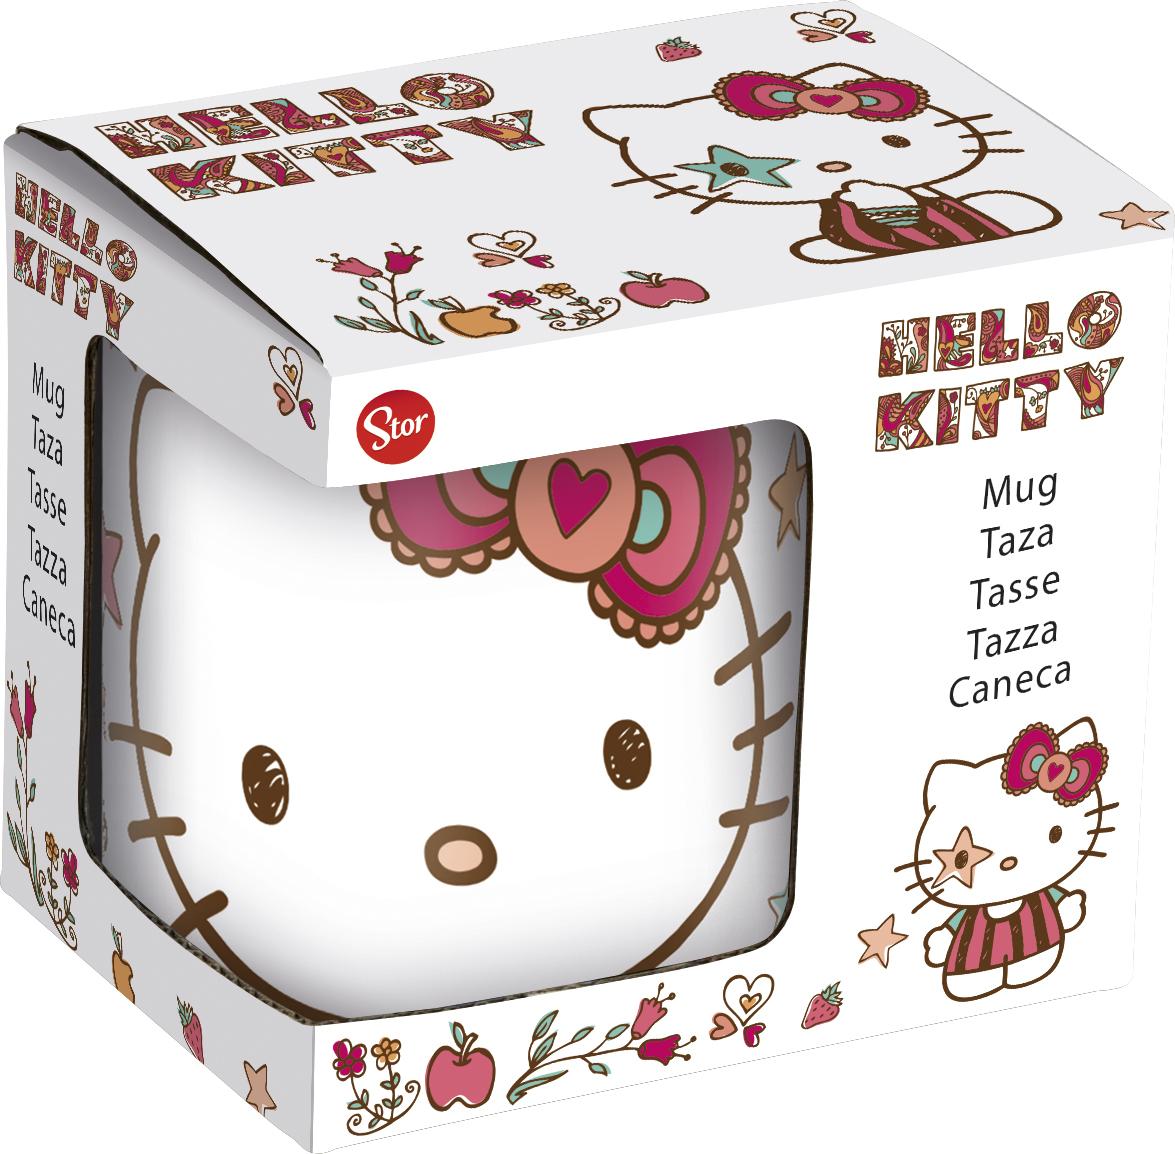 цены на Кружка керамическая Stor в подарочной упаковке (№4, 220 мл). Hello Kitty, арт.46226  в интернет-магазинах